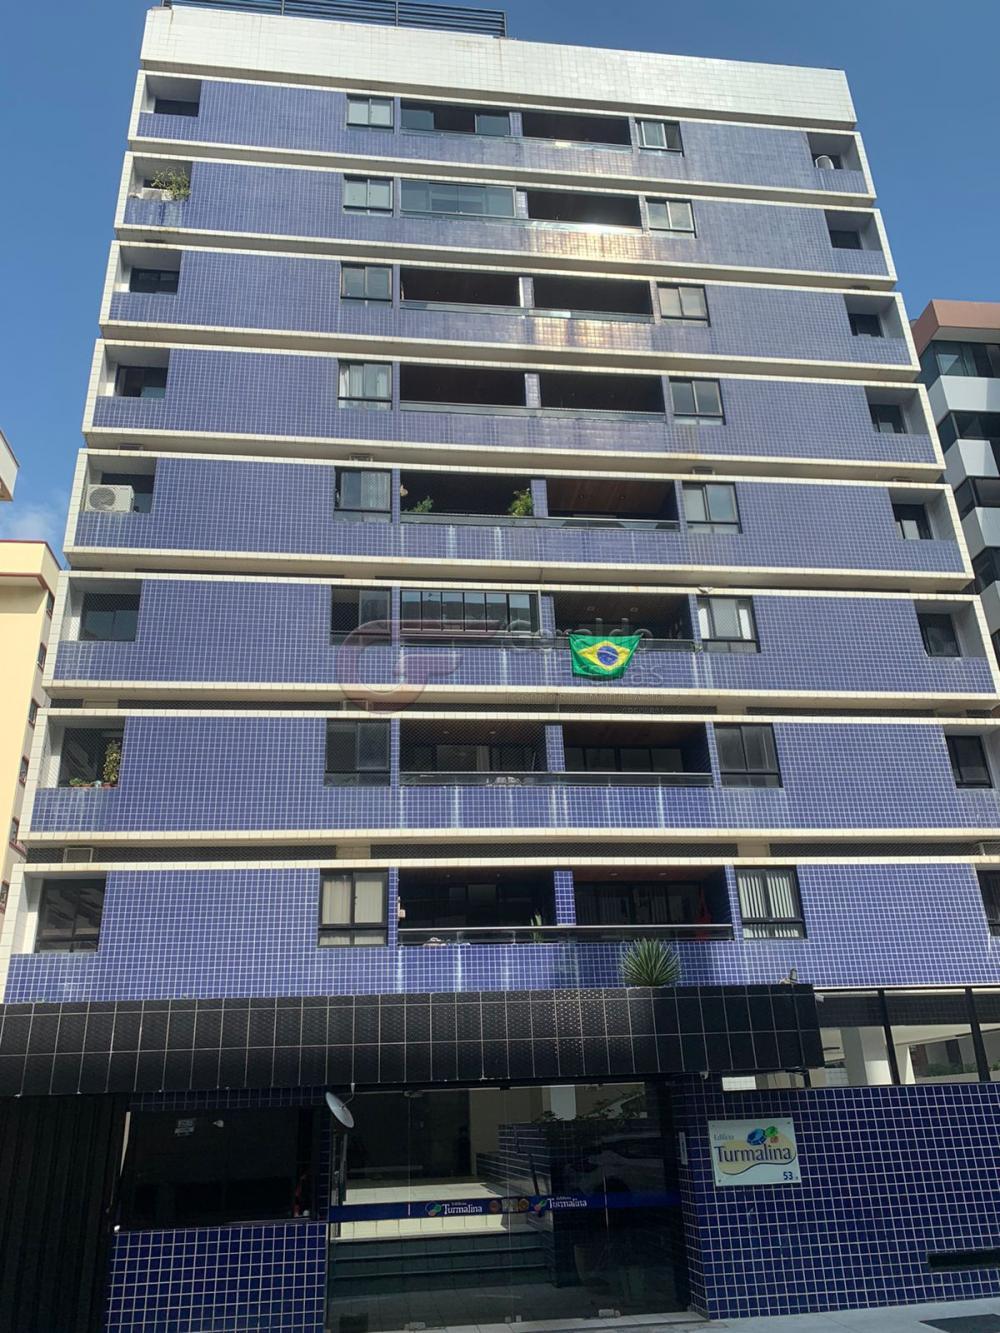 Comprar Apartamentos / Padrão em Maceió R$ 370.000,00 - Foto 1